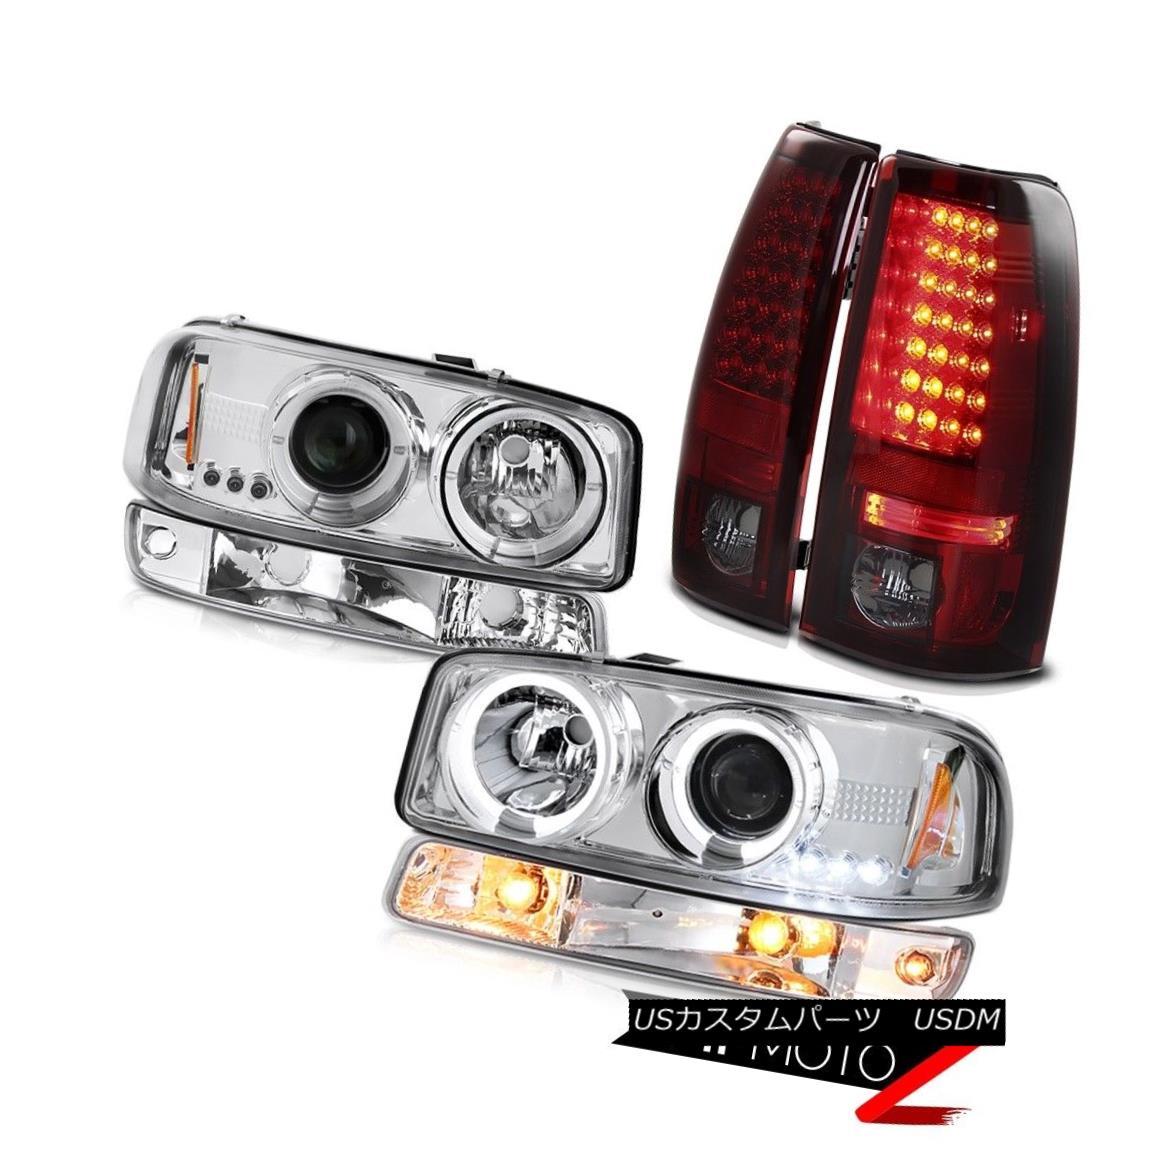 テールライト 1999-2006 Sierra 3500HD Taillights sterling chrome turn signal headlights SMD 1999-2006シエラ3500HDティアライトスチールクロームターンシグナルヘッドライトSMD